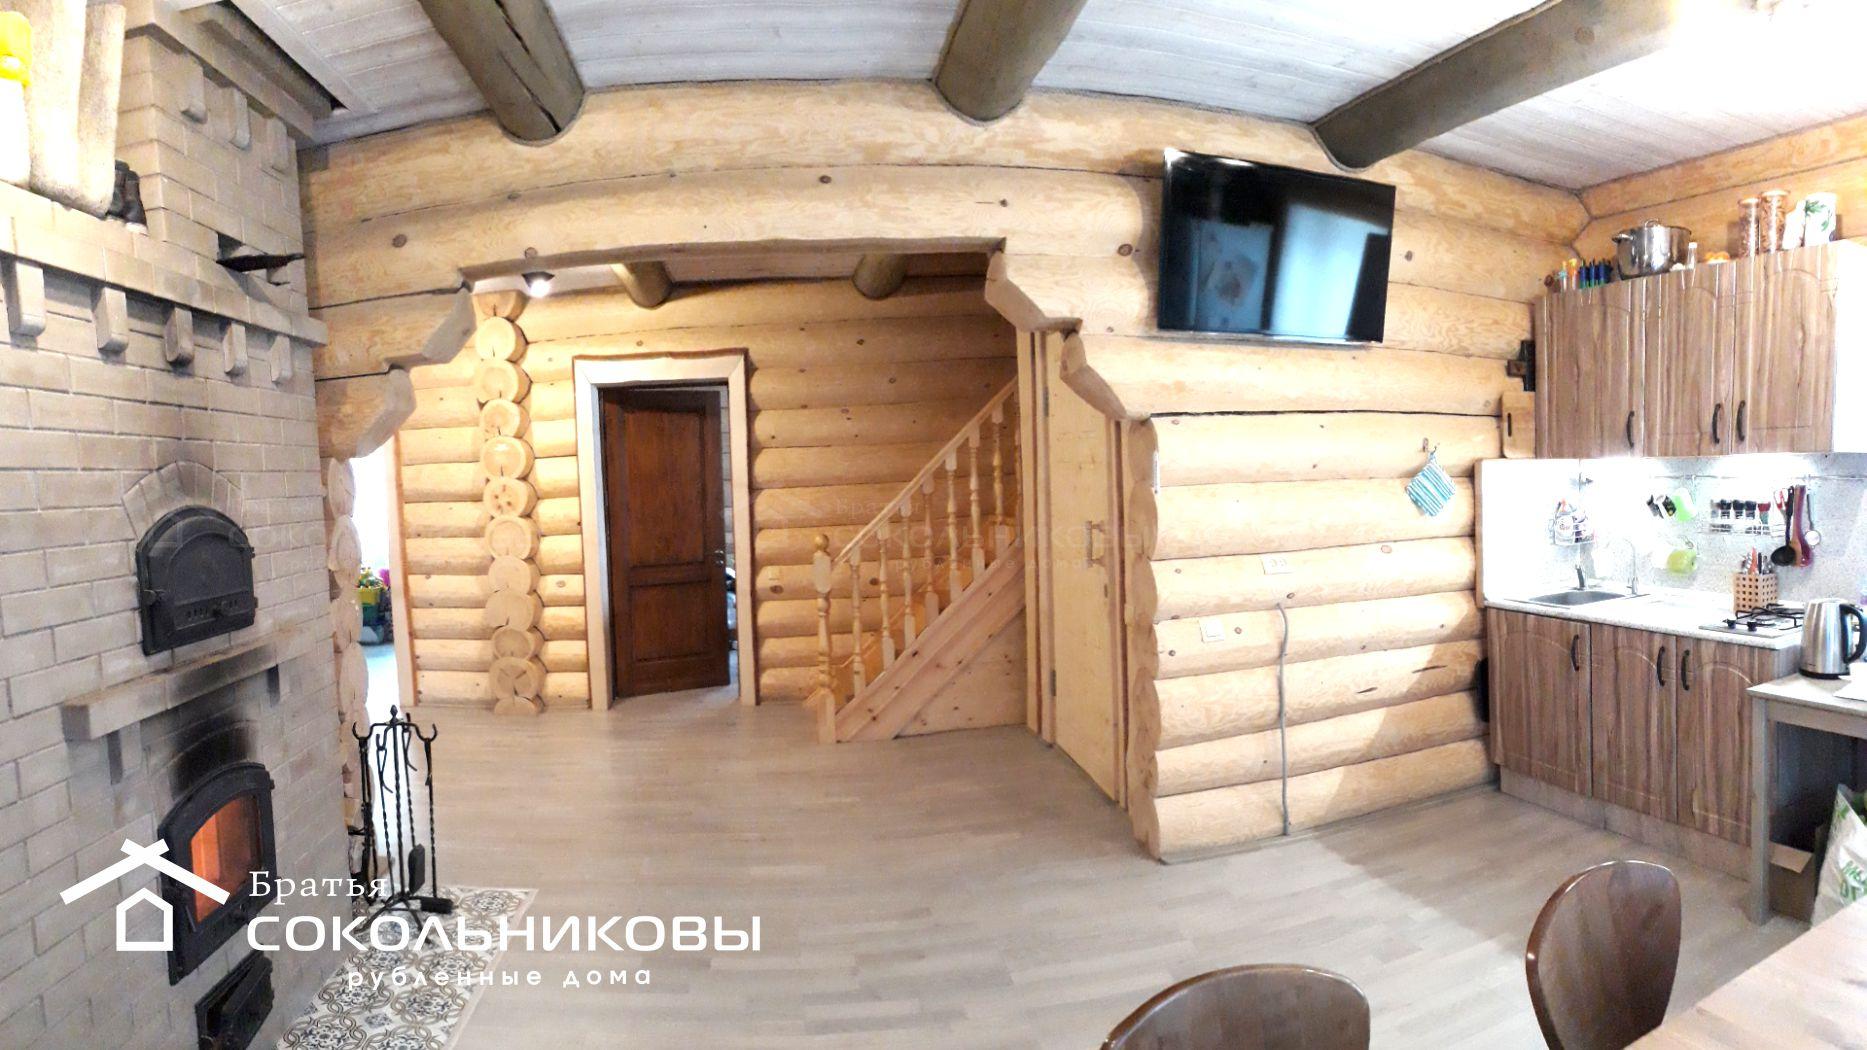 Дом под рубанок, 240 кв. м, фото 3